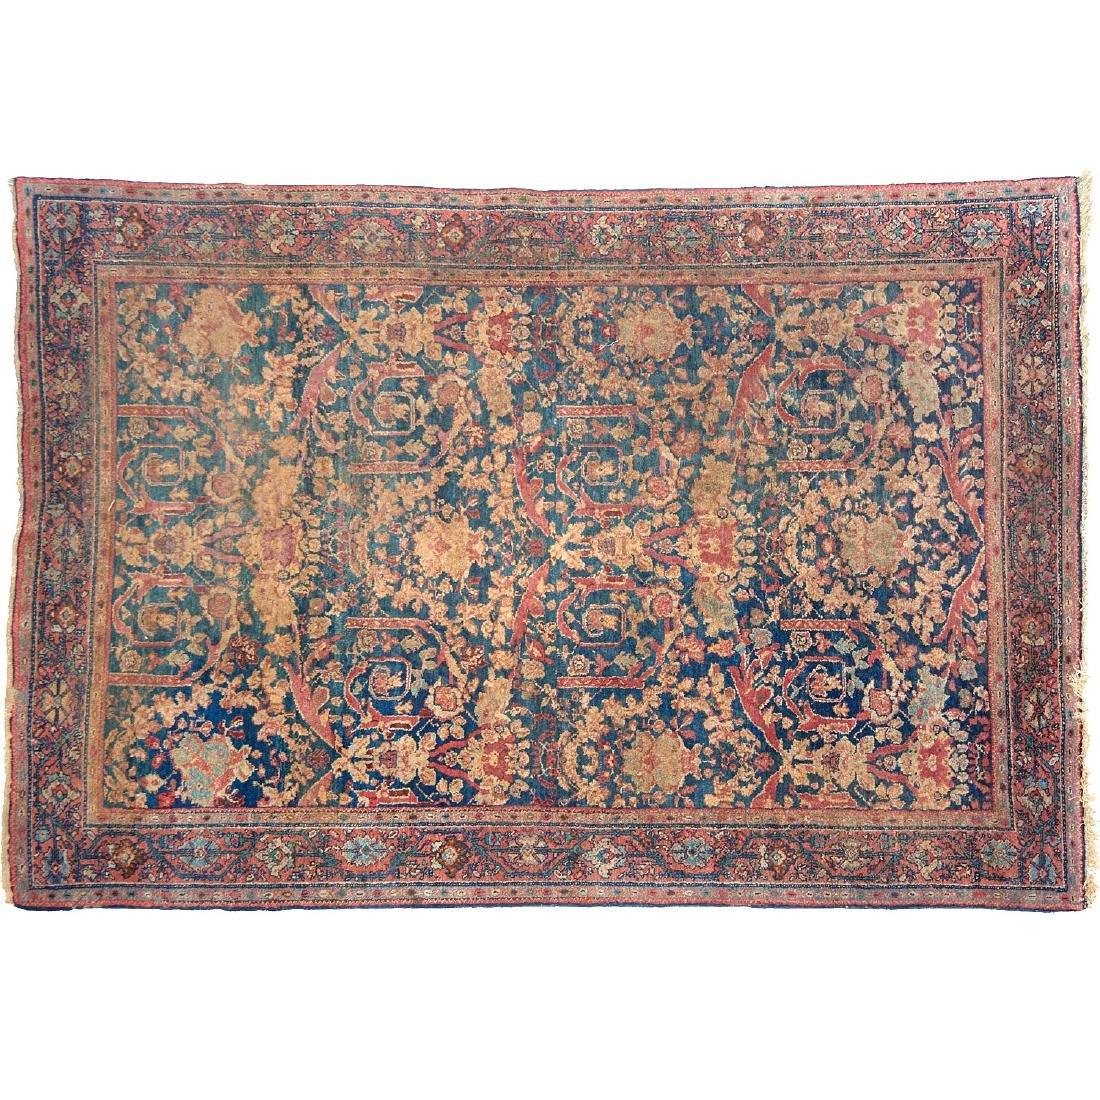 Persian garden rug, ex museum